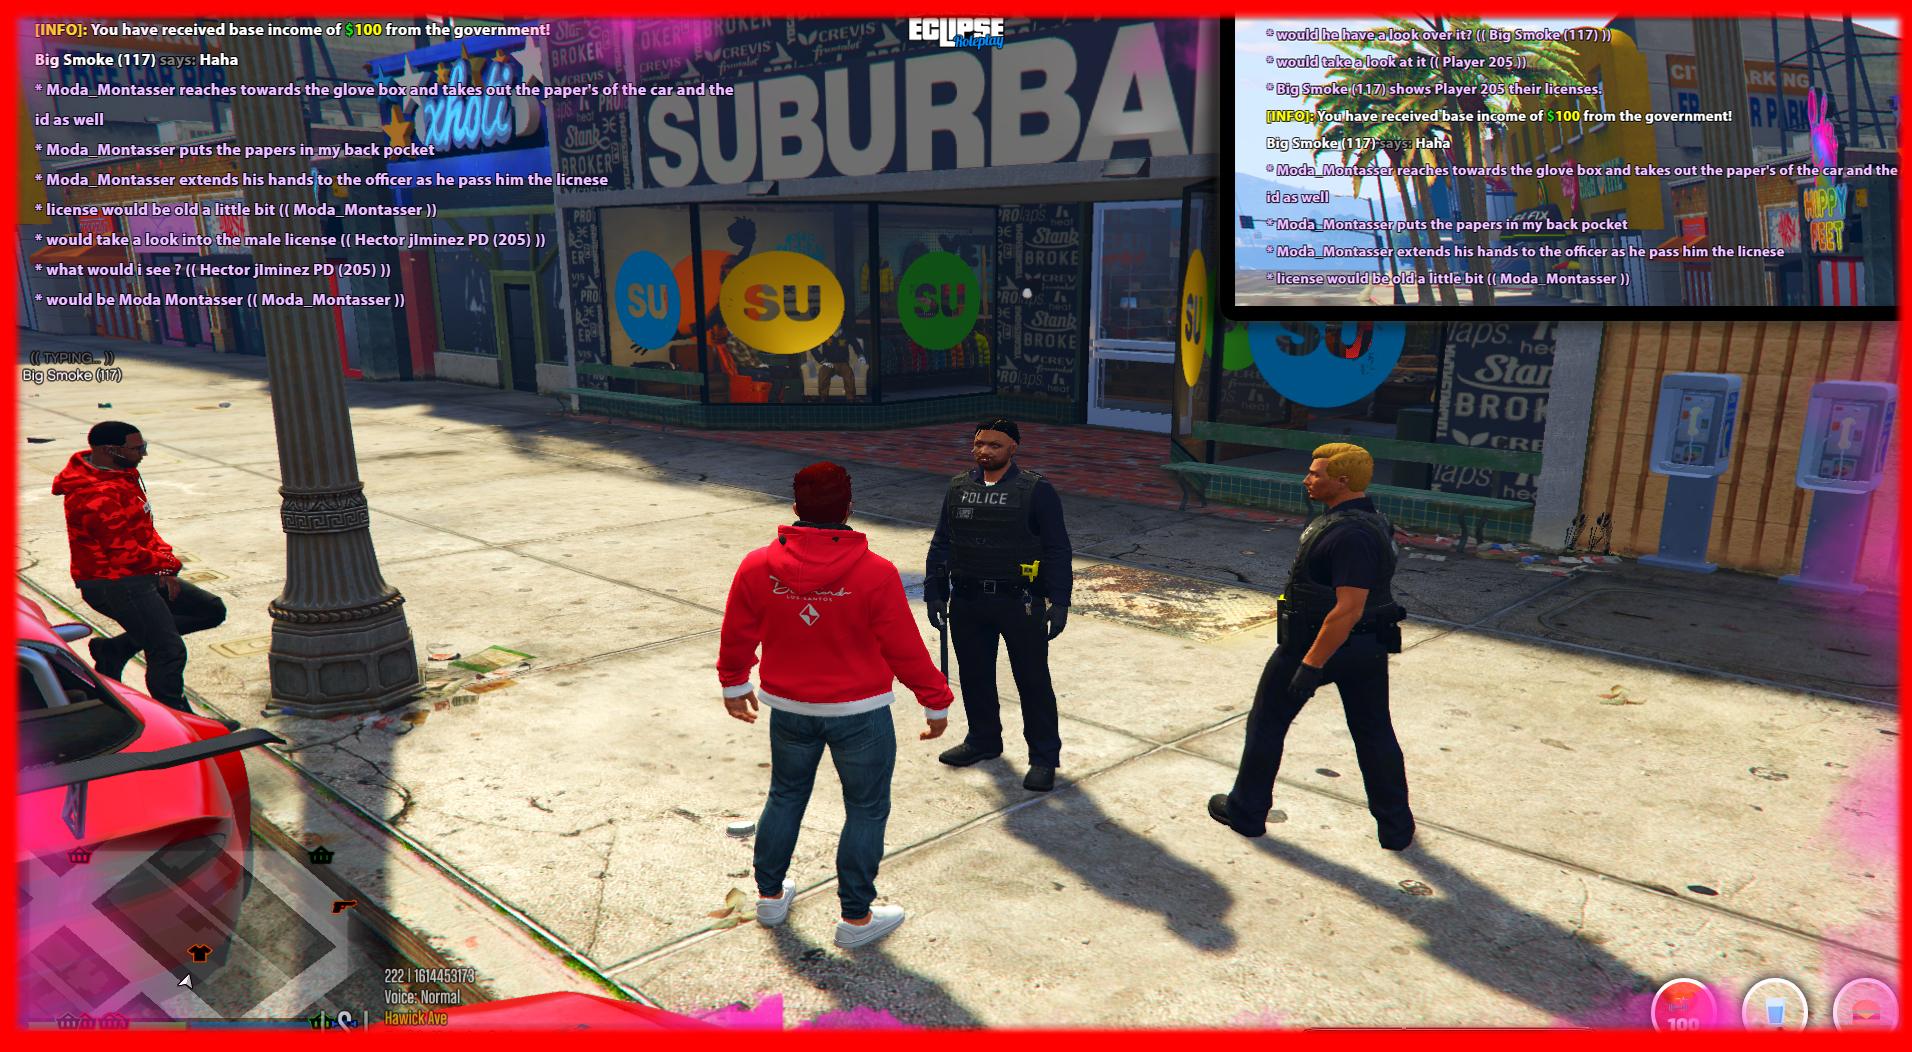 Grand_Theft_Auto_V_Screenshot_2021.02.dasdasf27_-_22.12.jpg